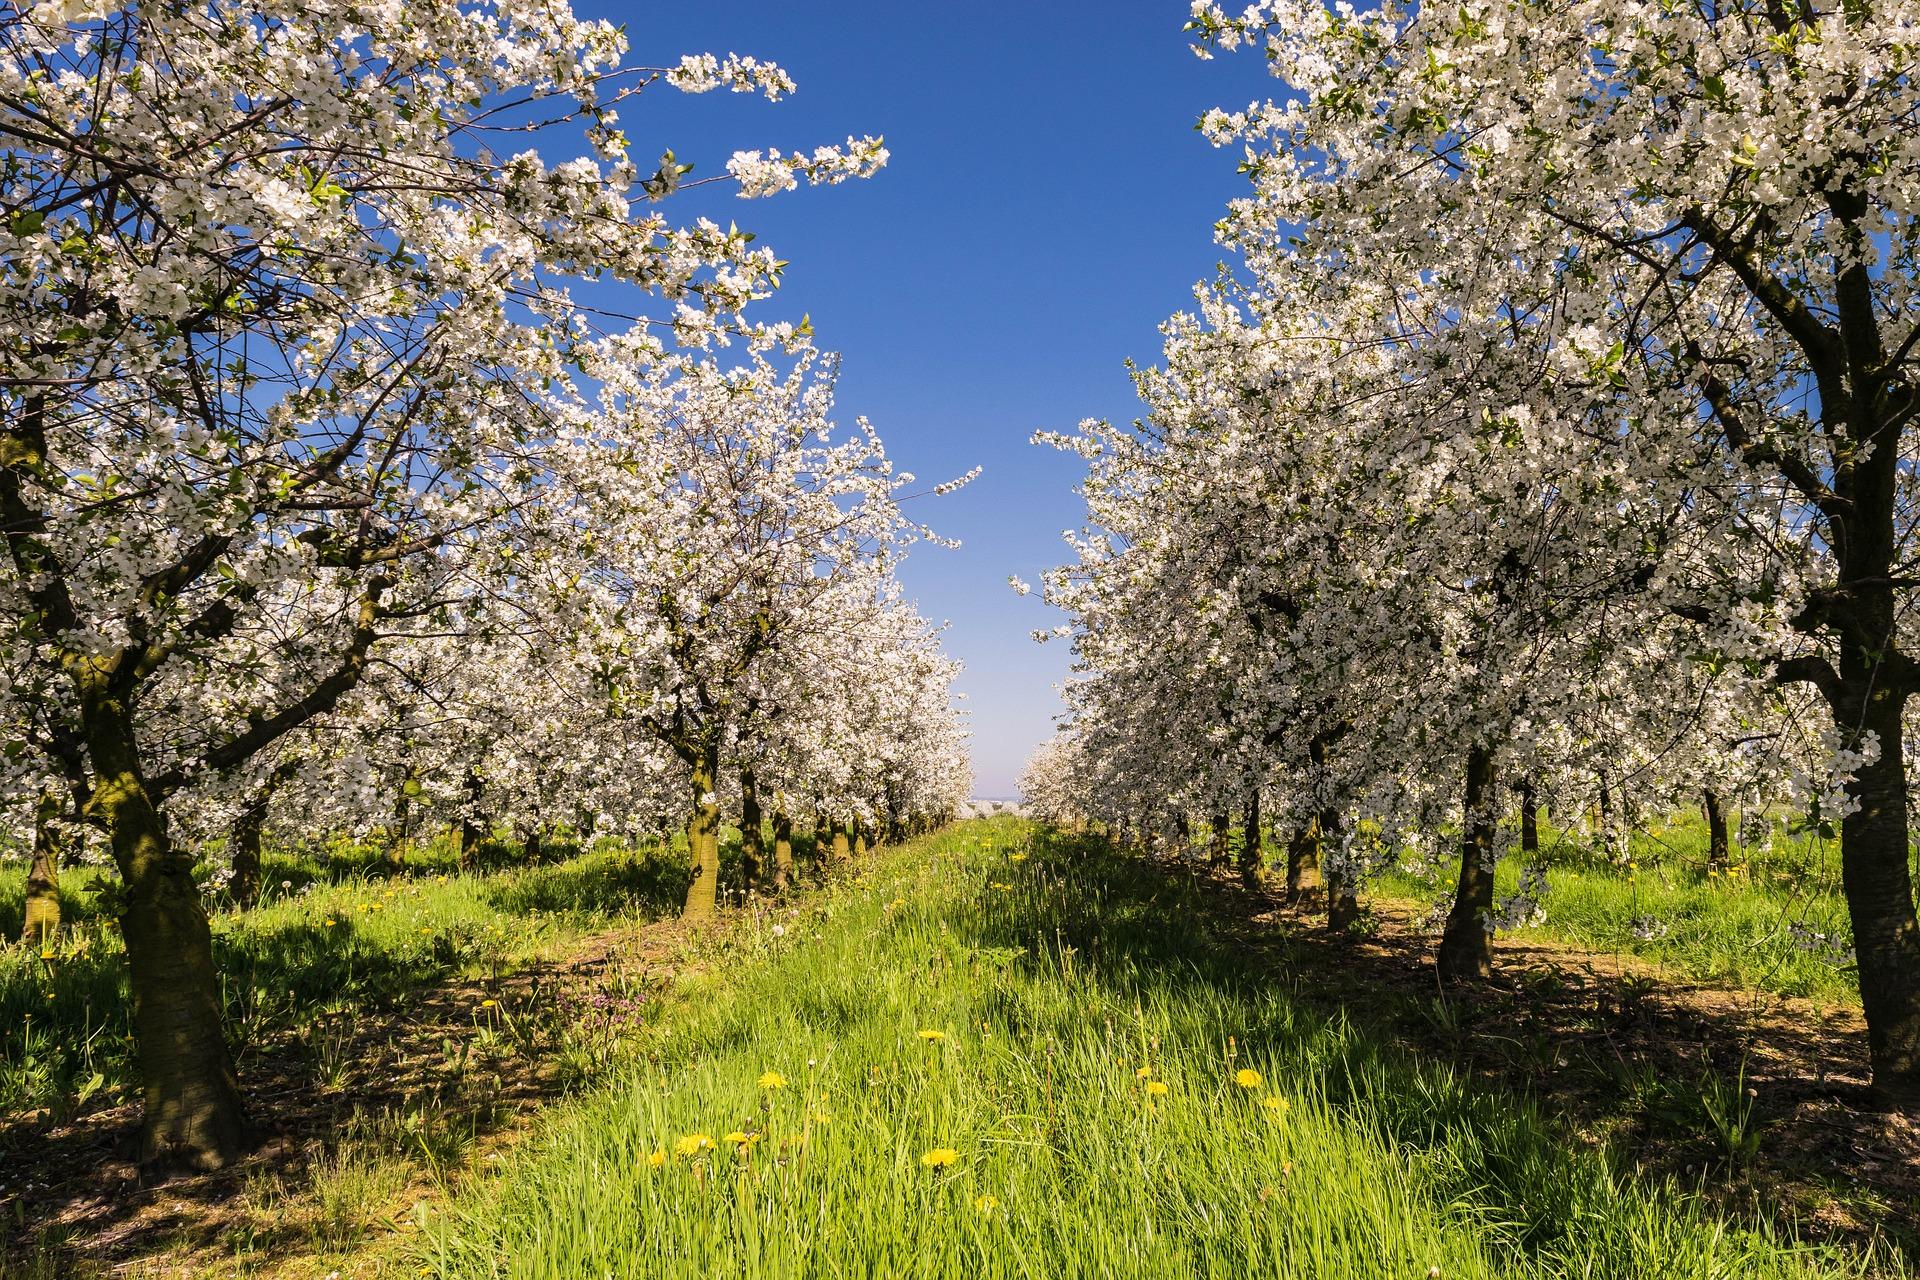 6 façons de planter un arbre en un clic – SciencePost